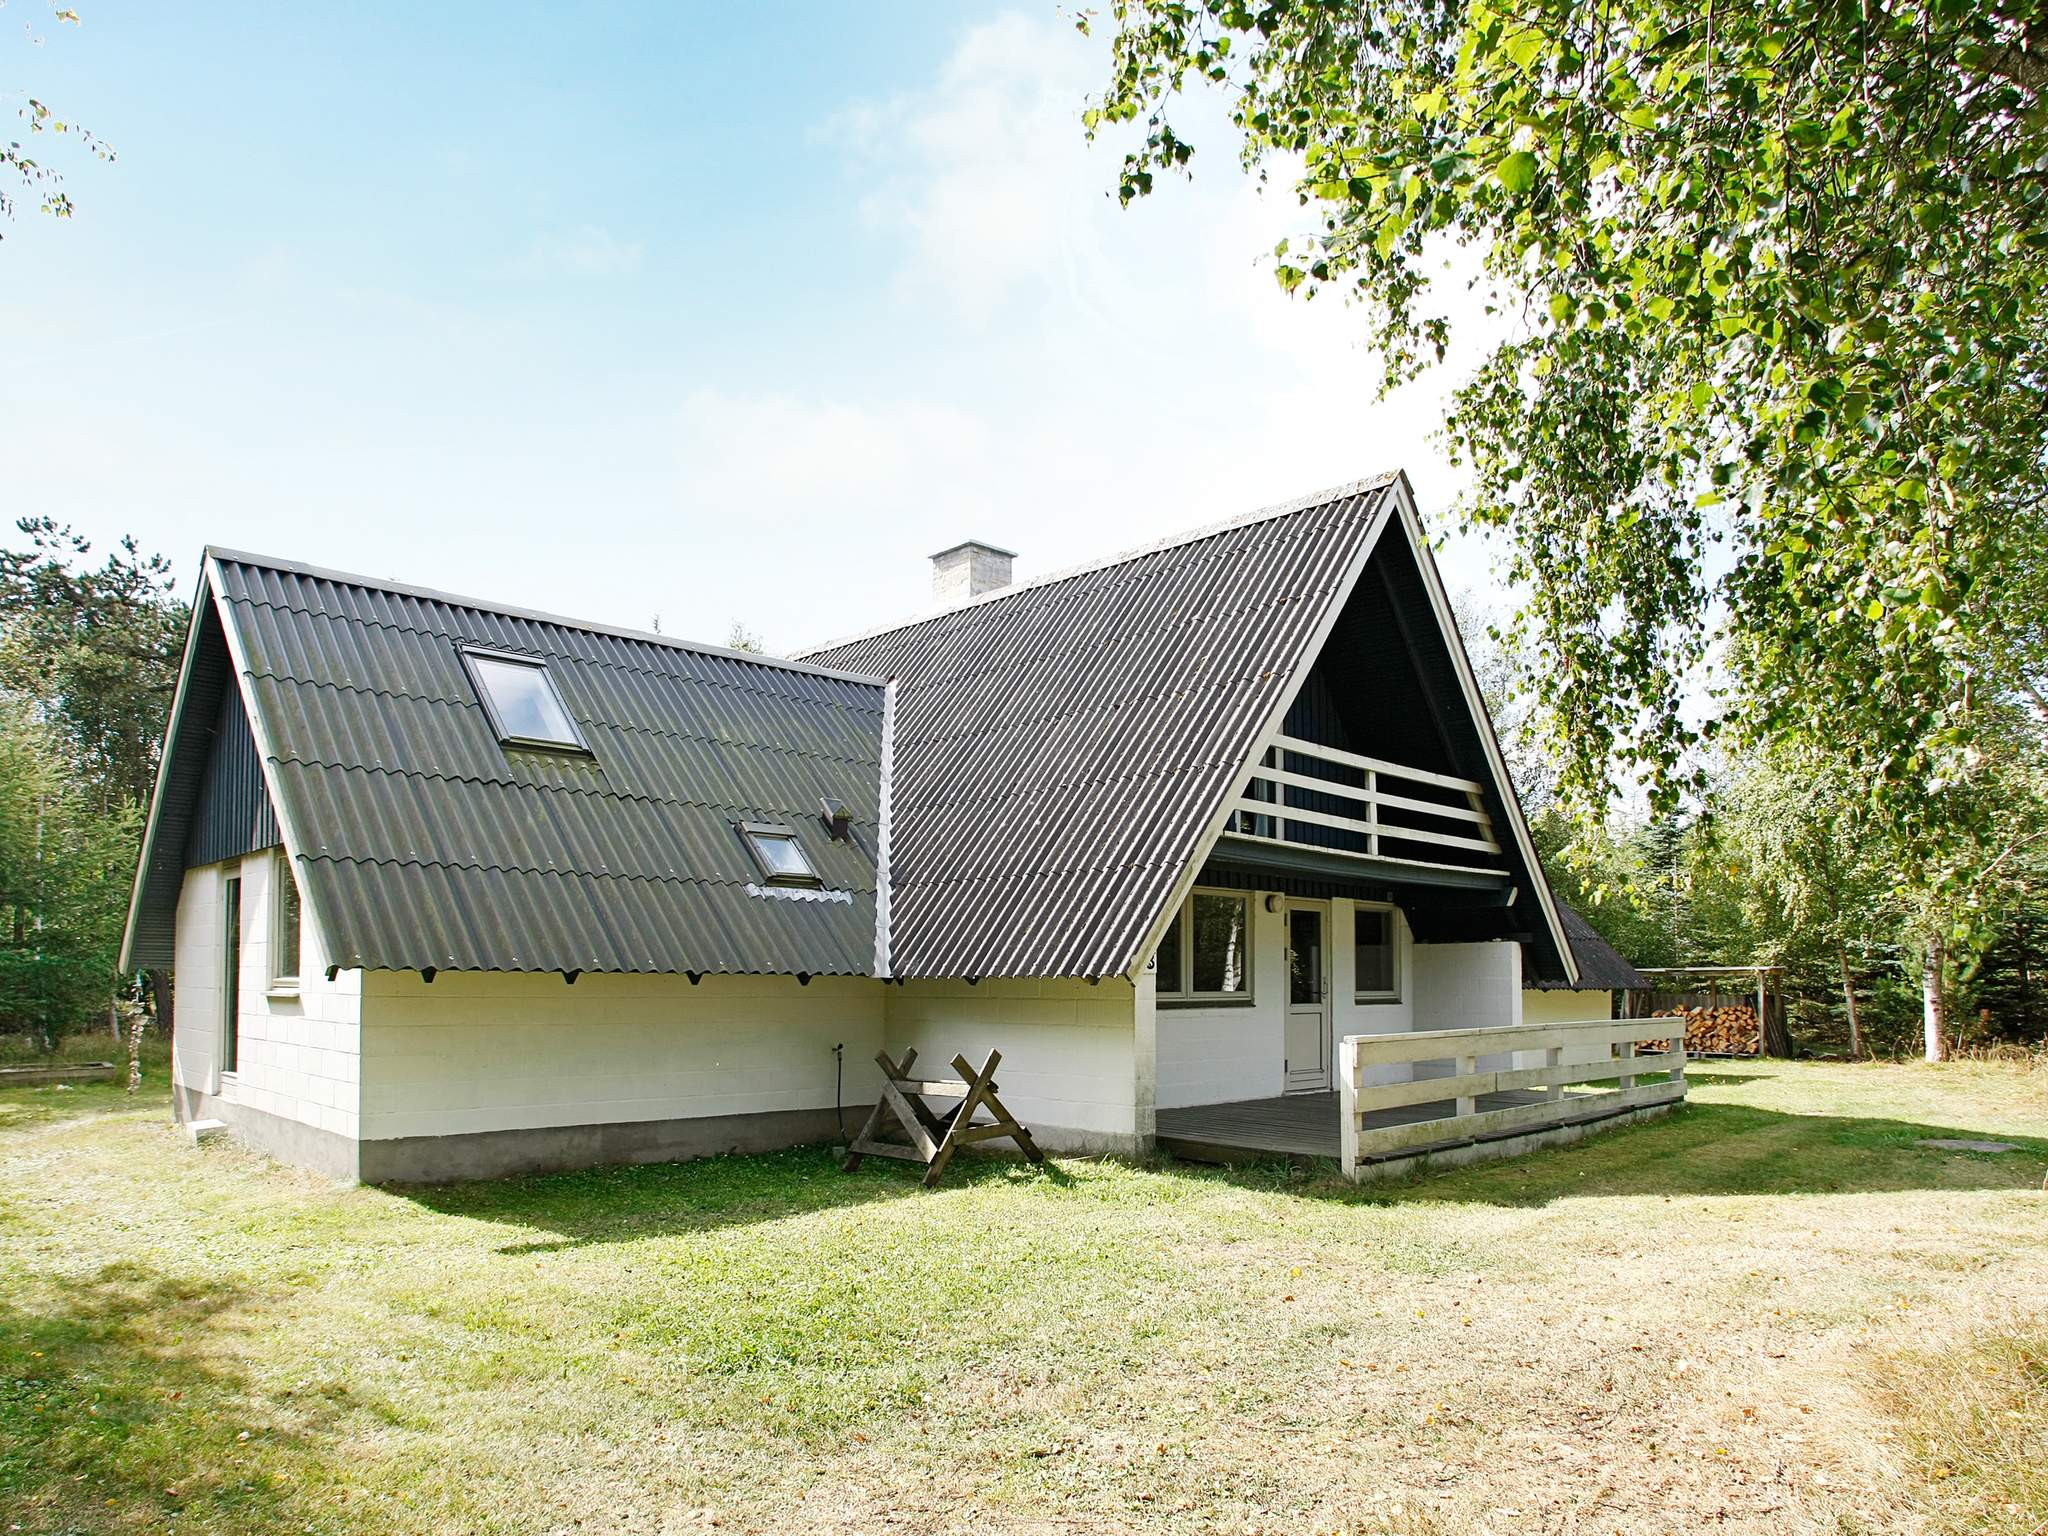 Ferienhaus Fur (83067), Fur, , Limfjord, Dänemark, Bild 12